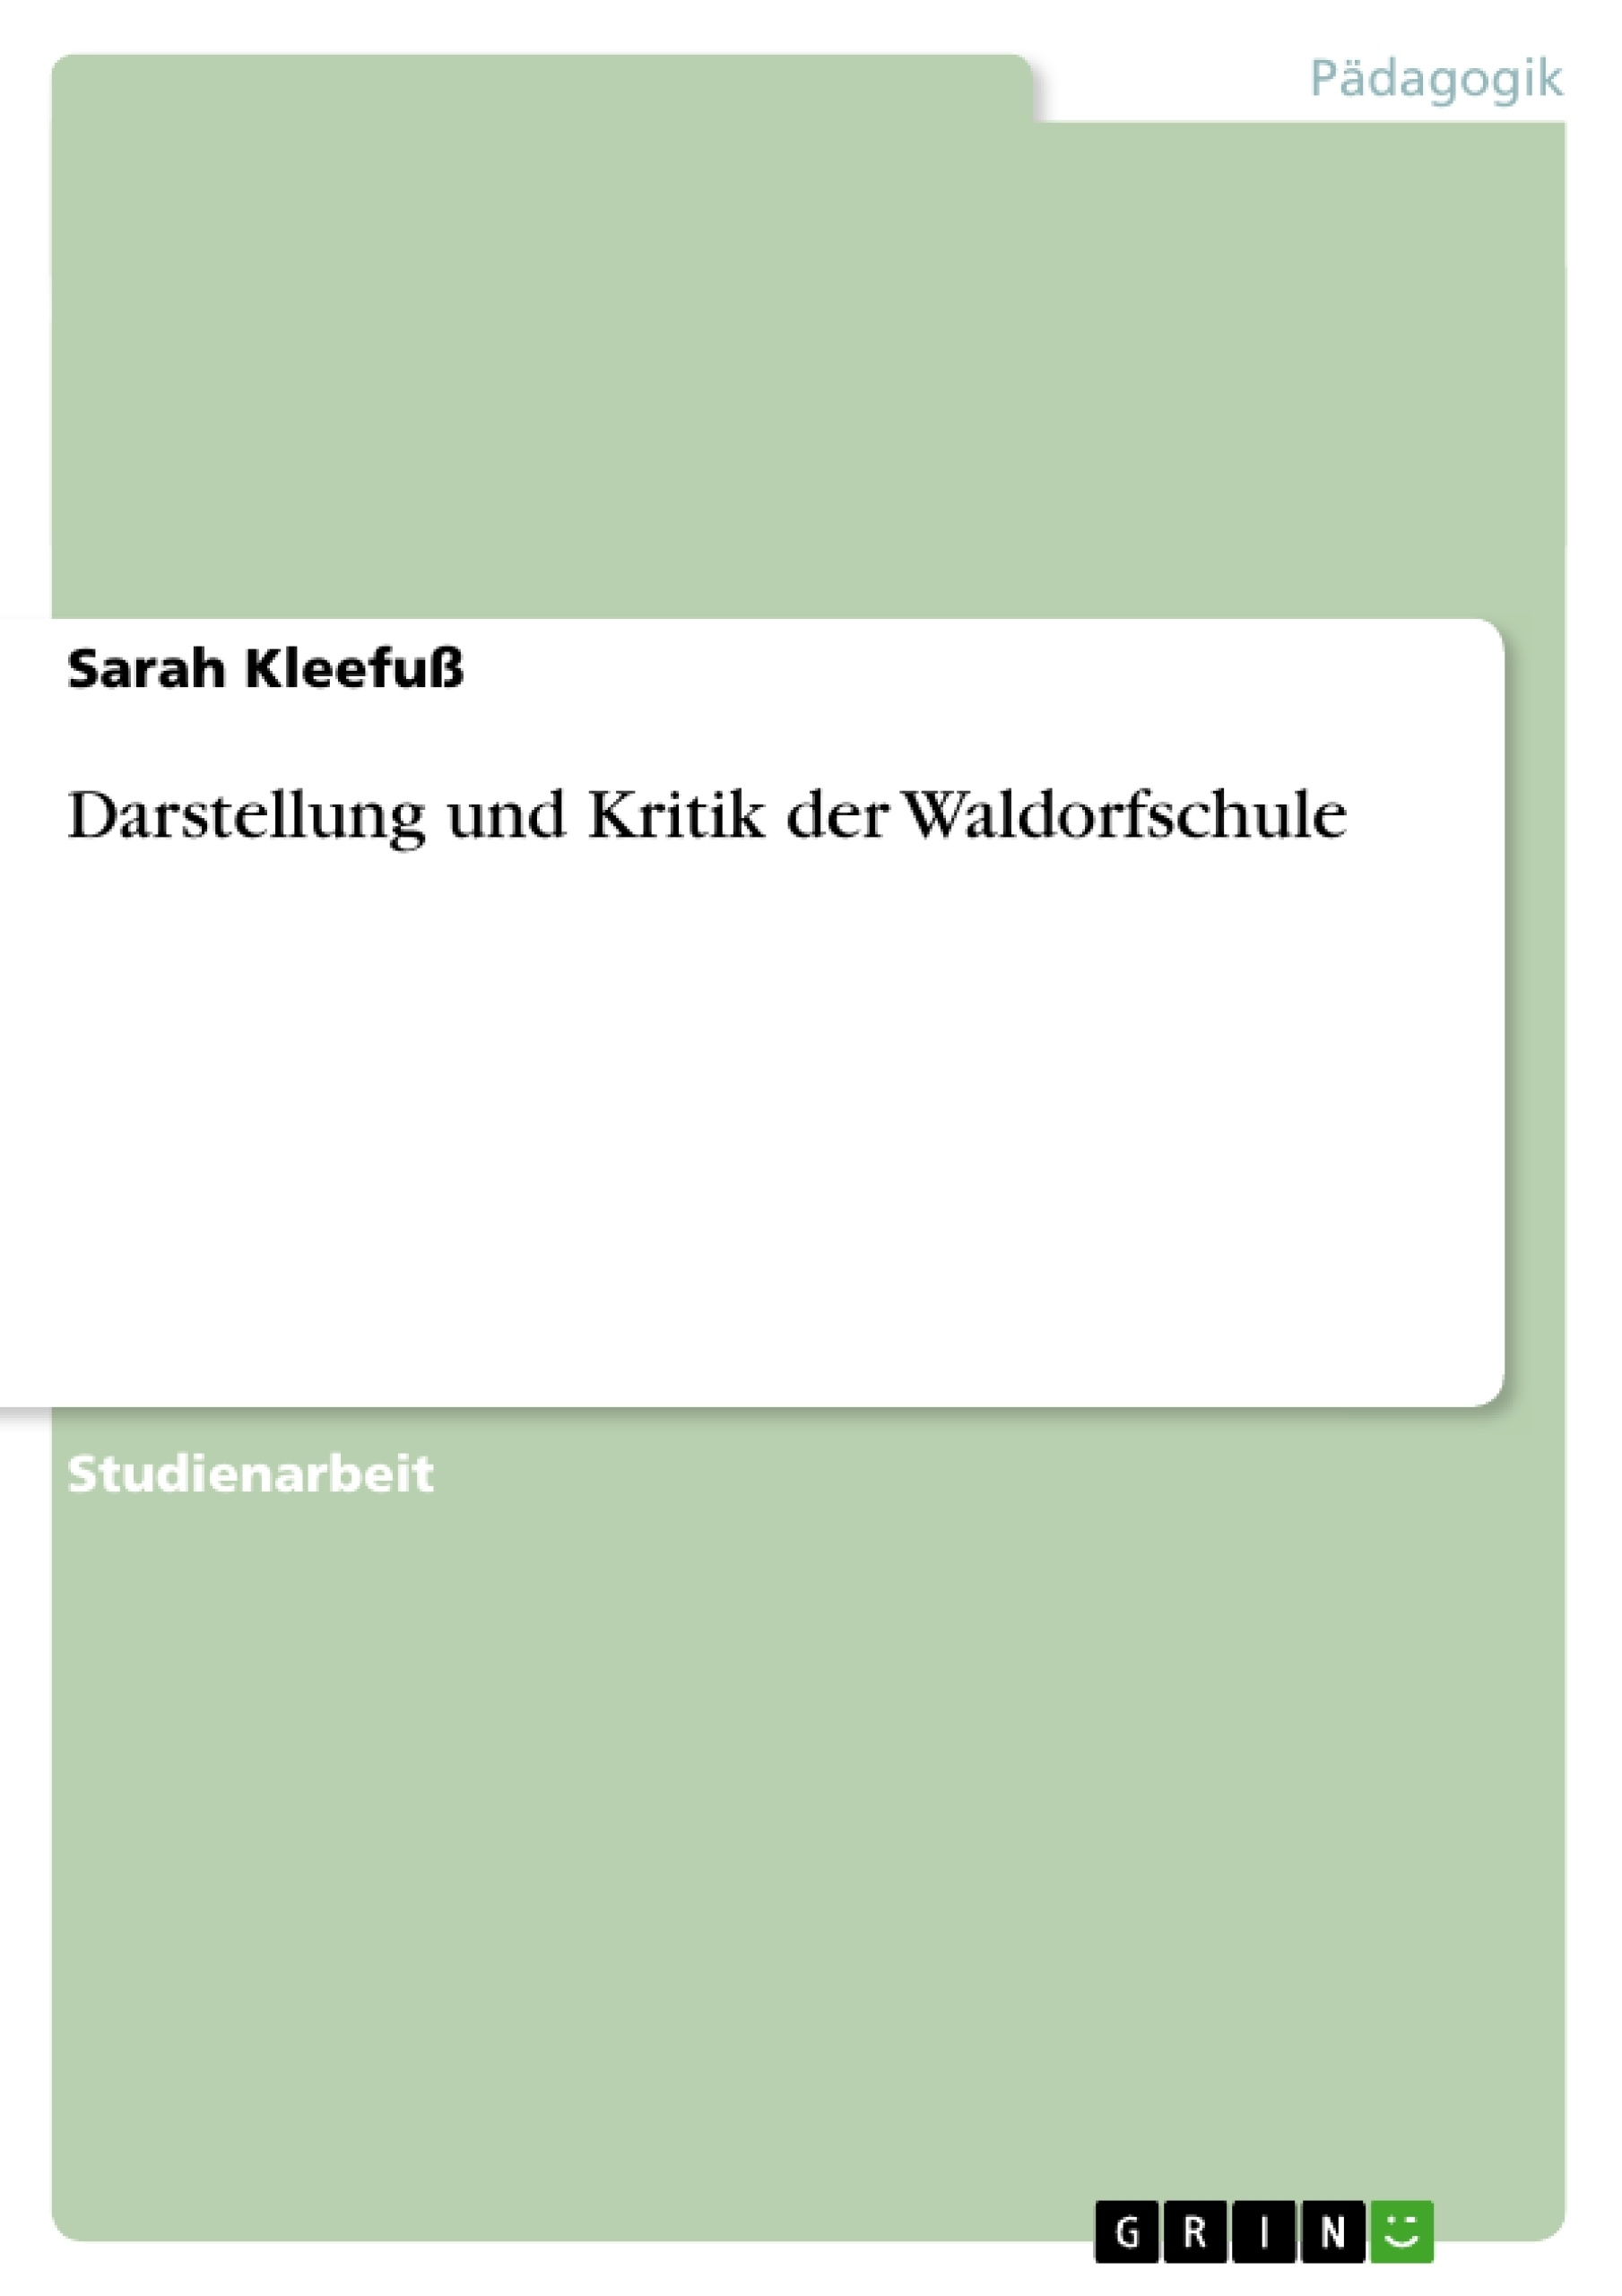 Titel: Darstellung und Kritik der Waldorfschule